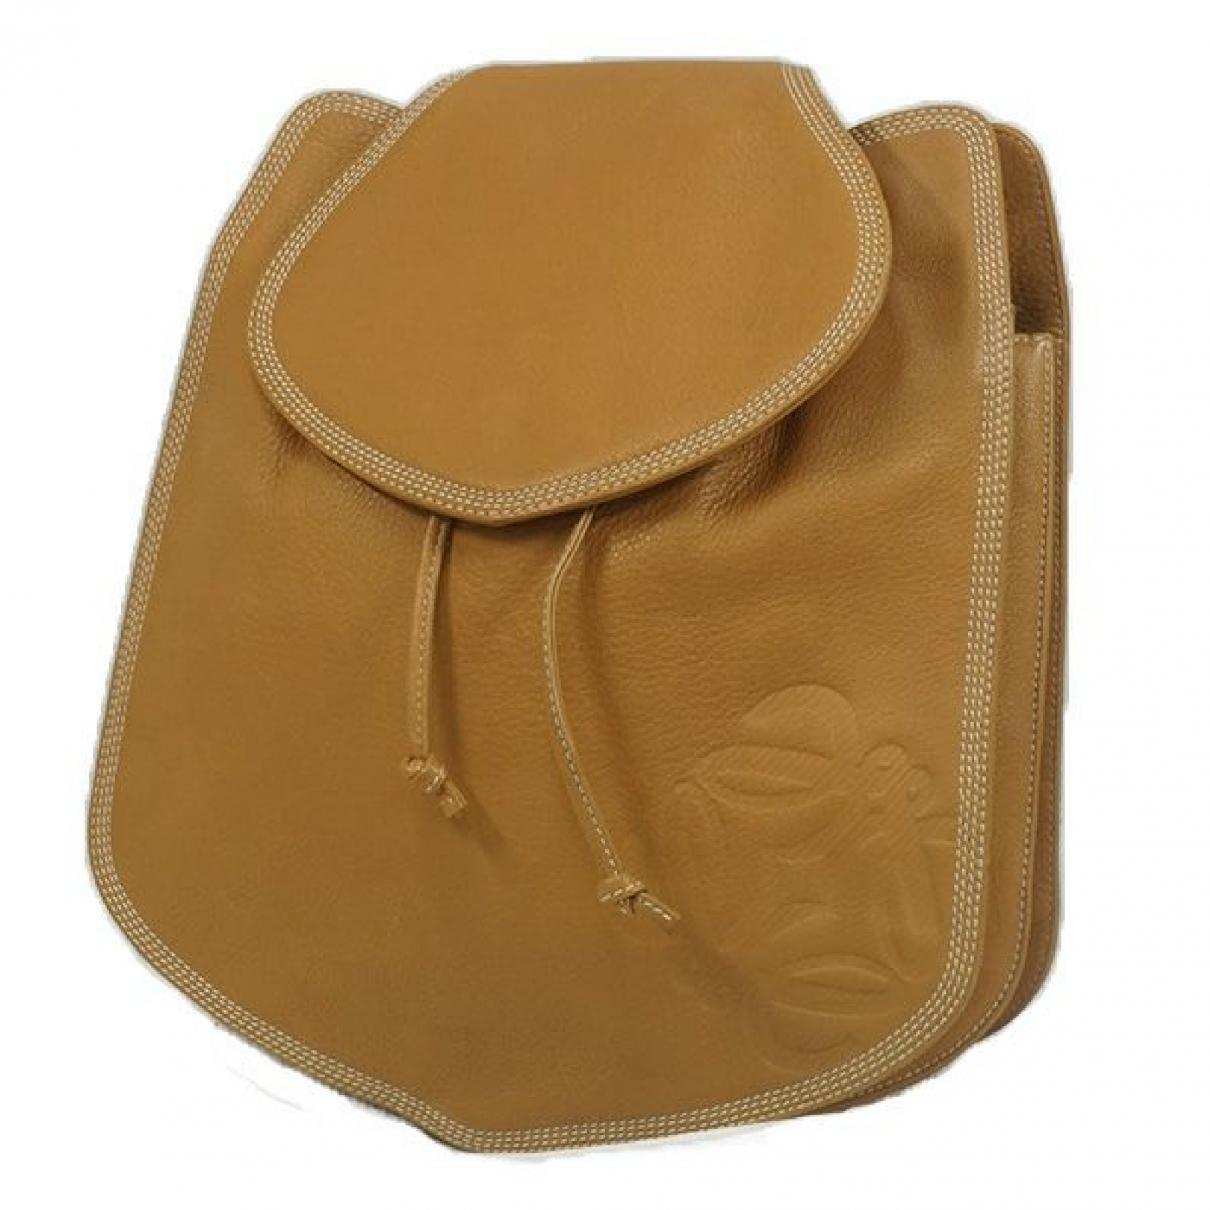 Loewe \N Camel Leather backpack for Women \N